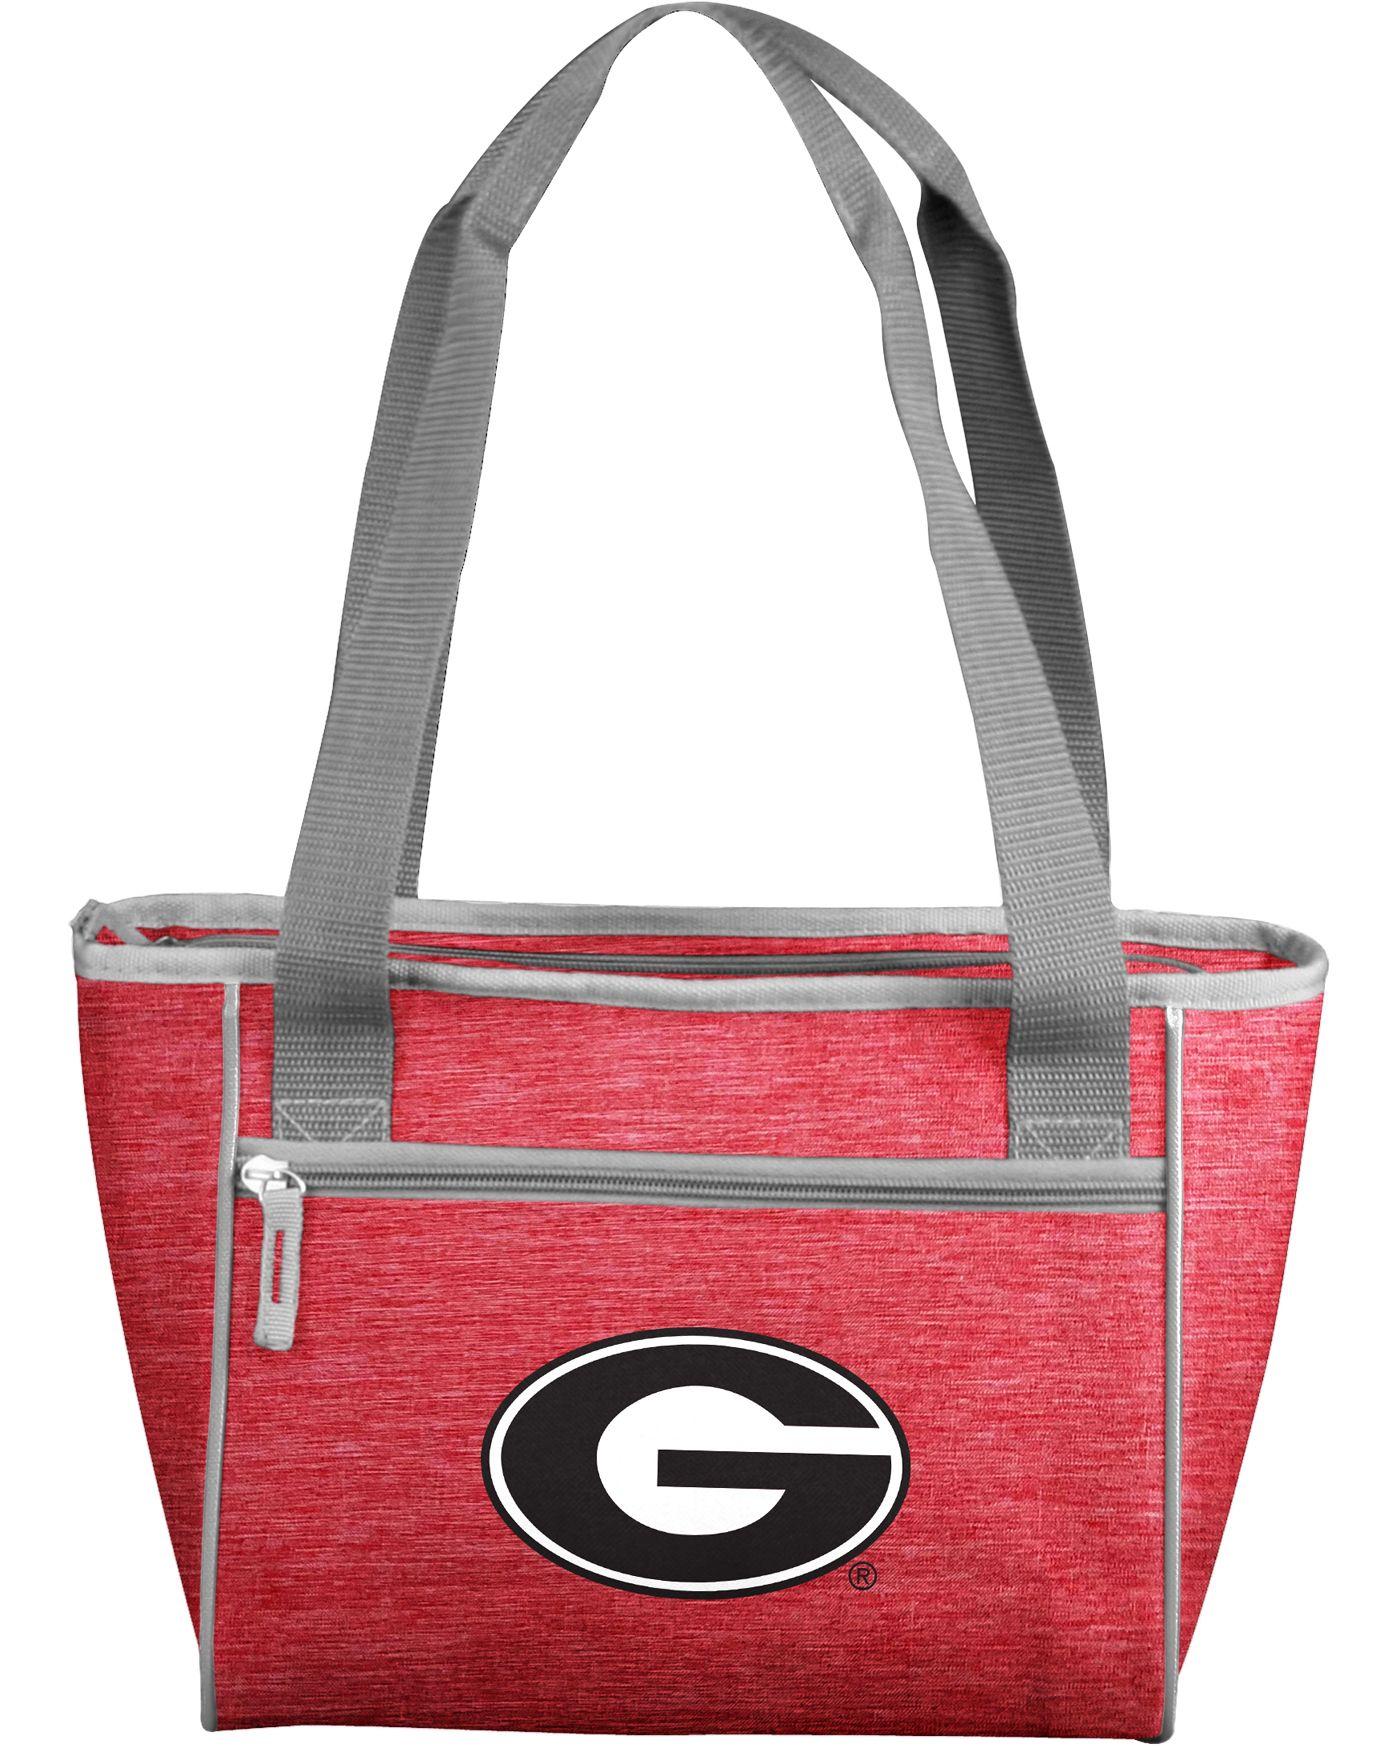 Georgia Bulldogs 16 Can Cooler